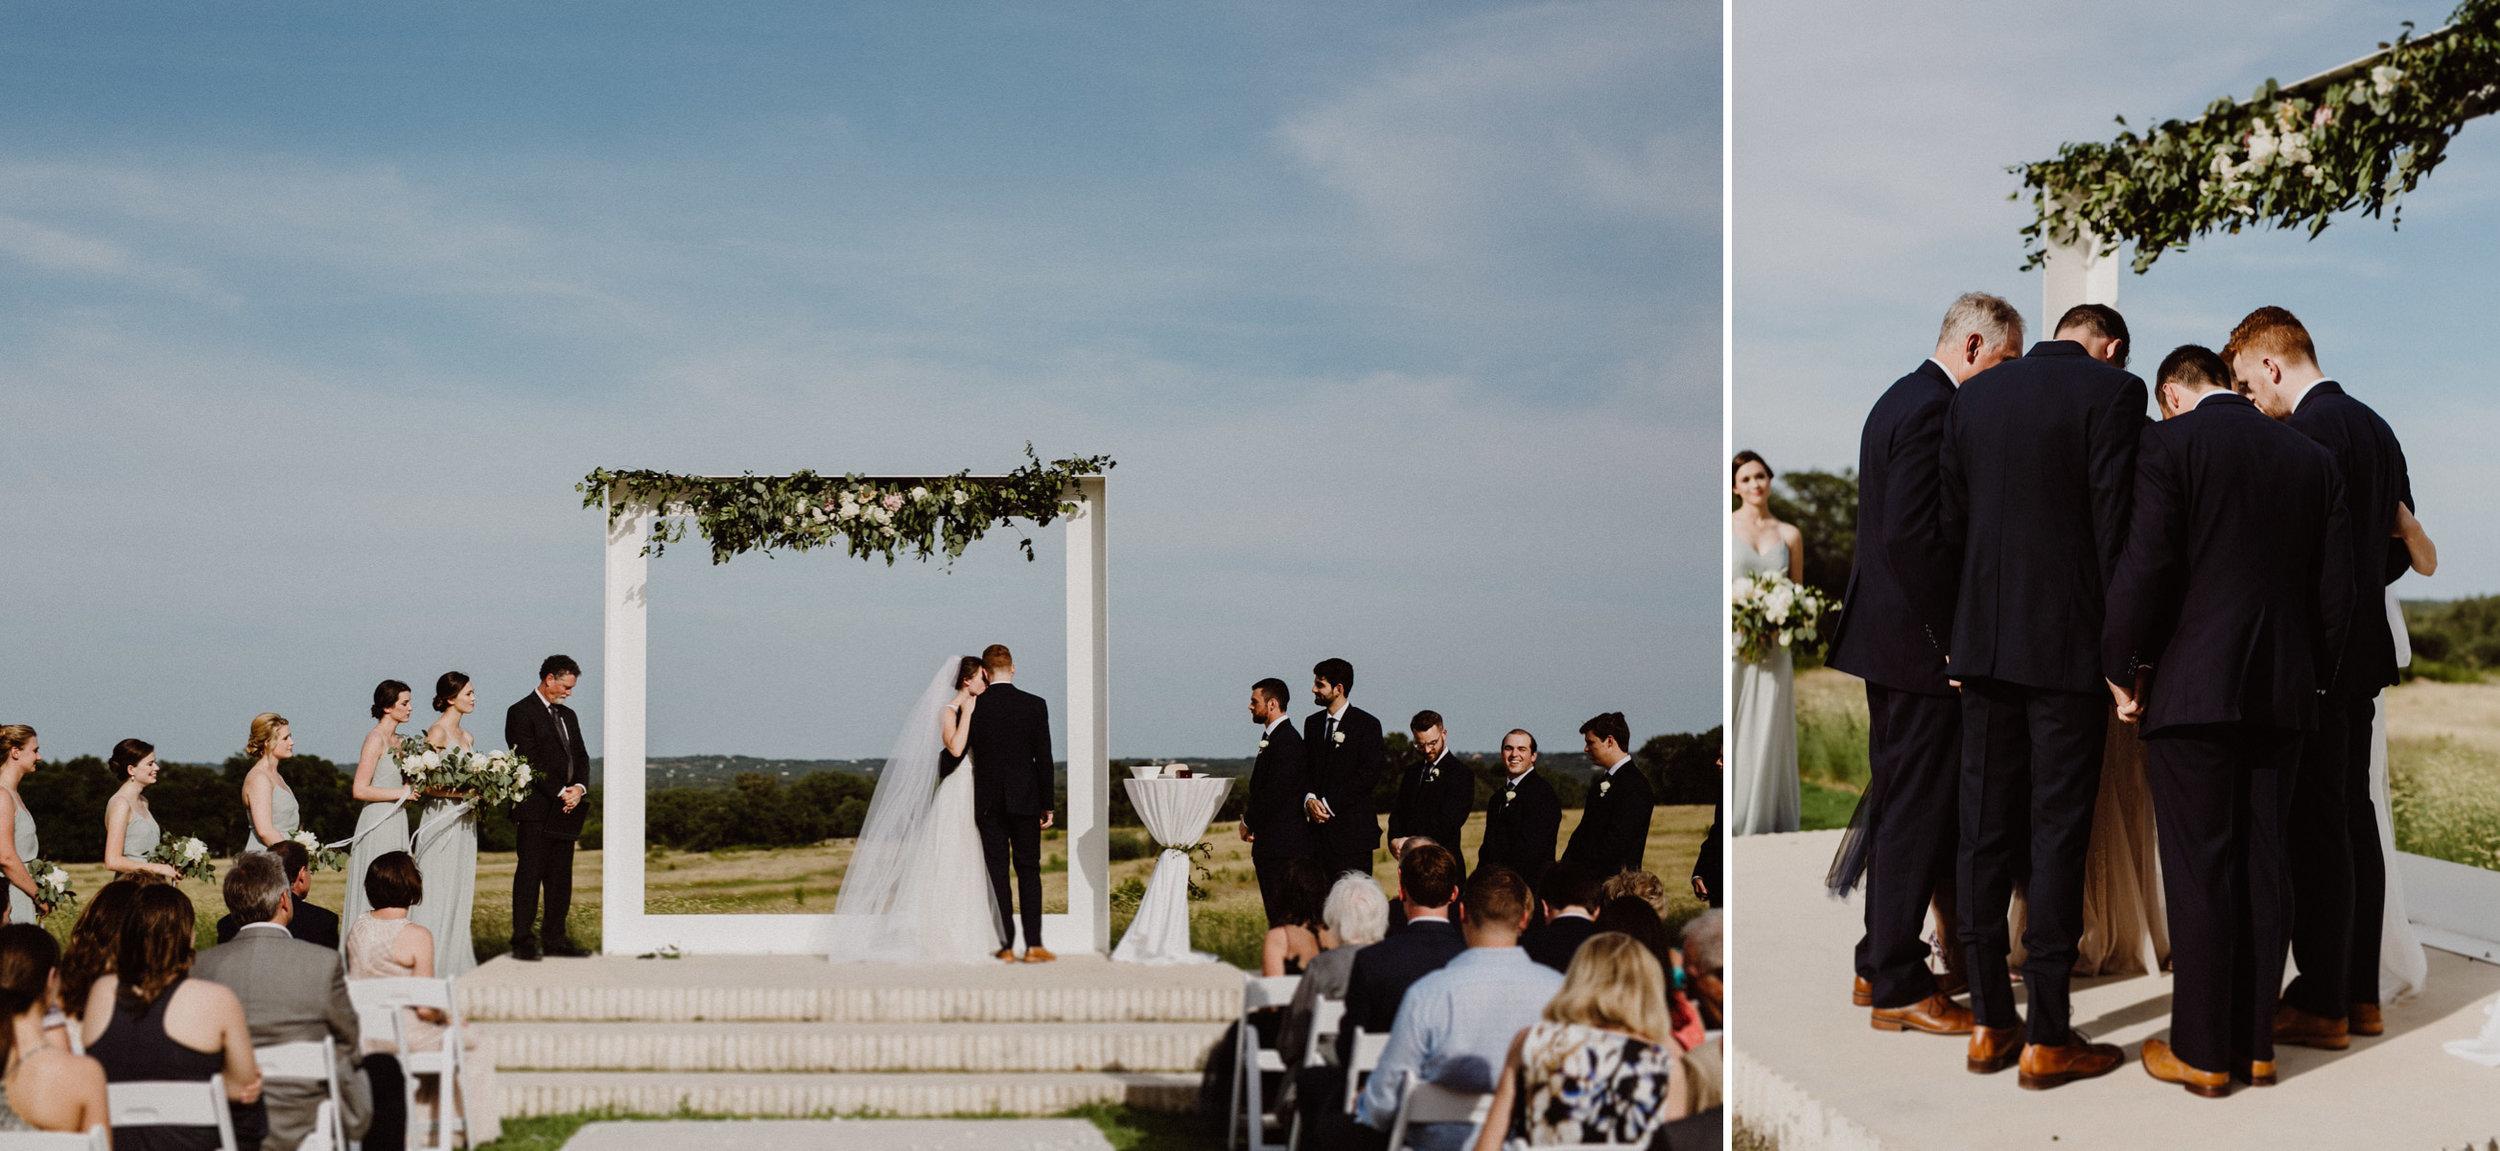 prospect-house-wedding-9jpg.jpg